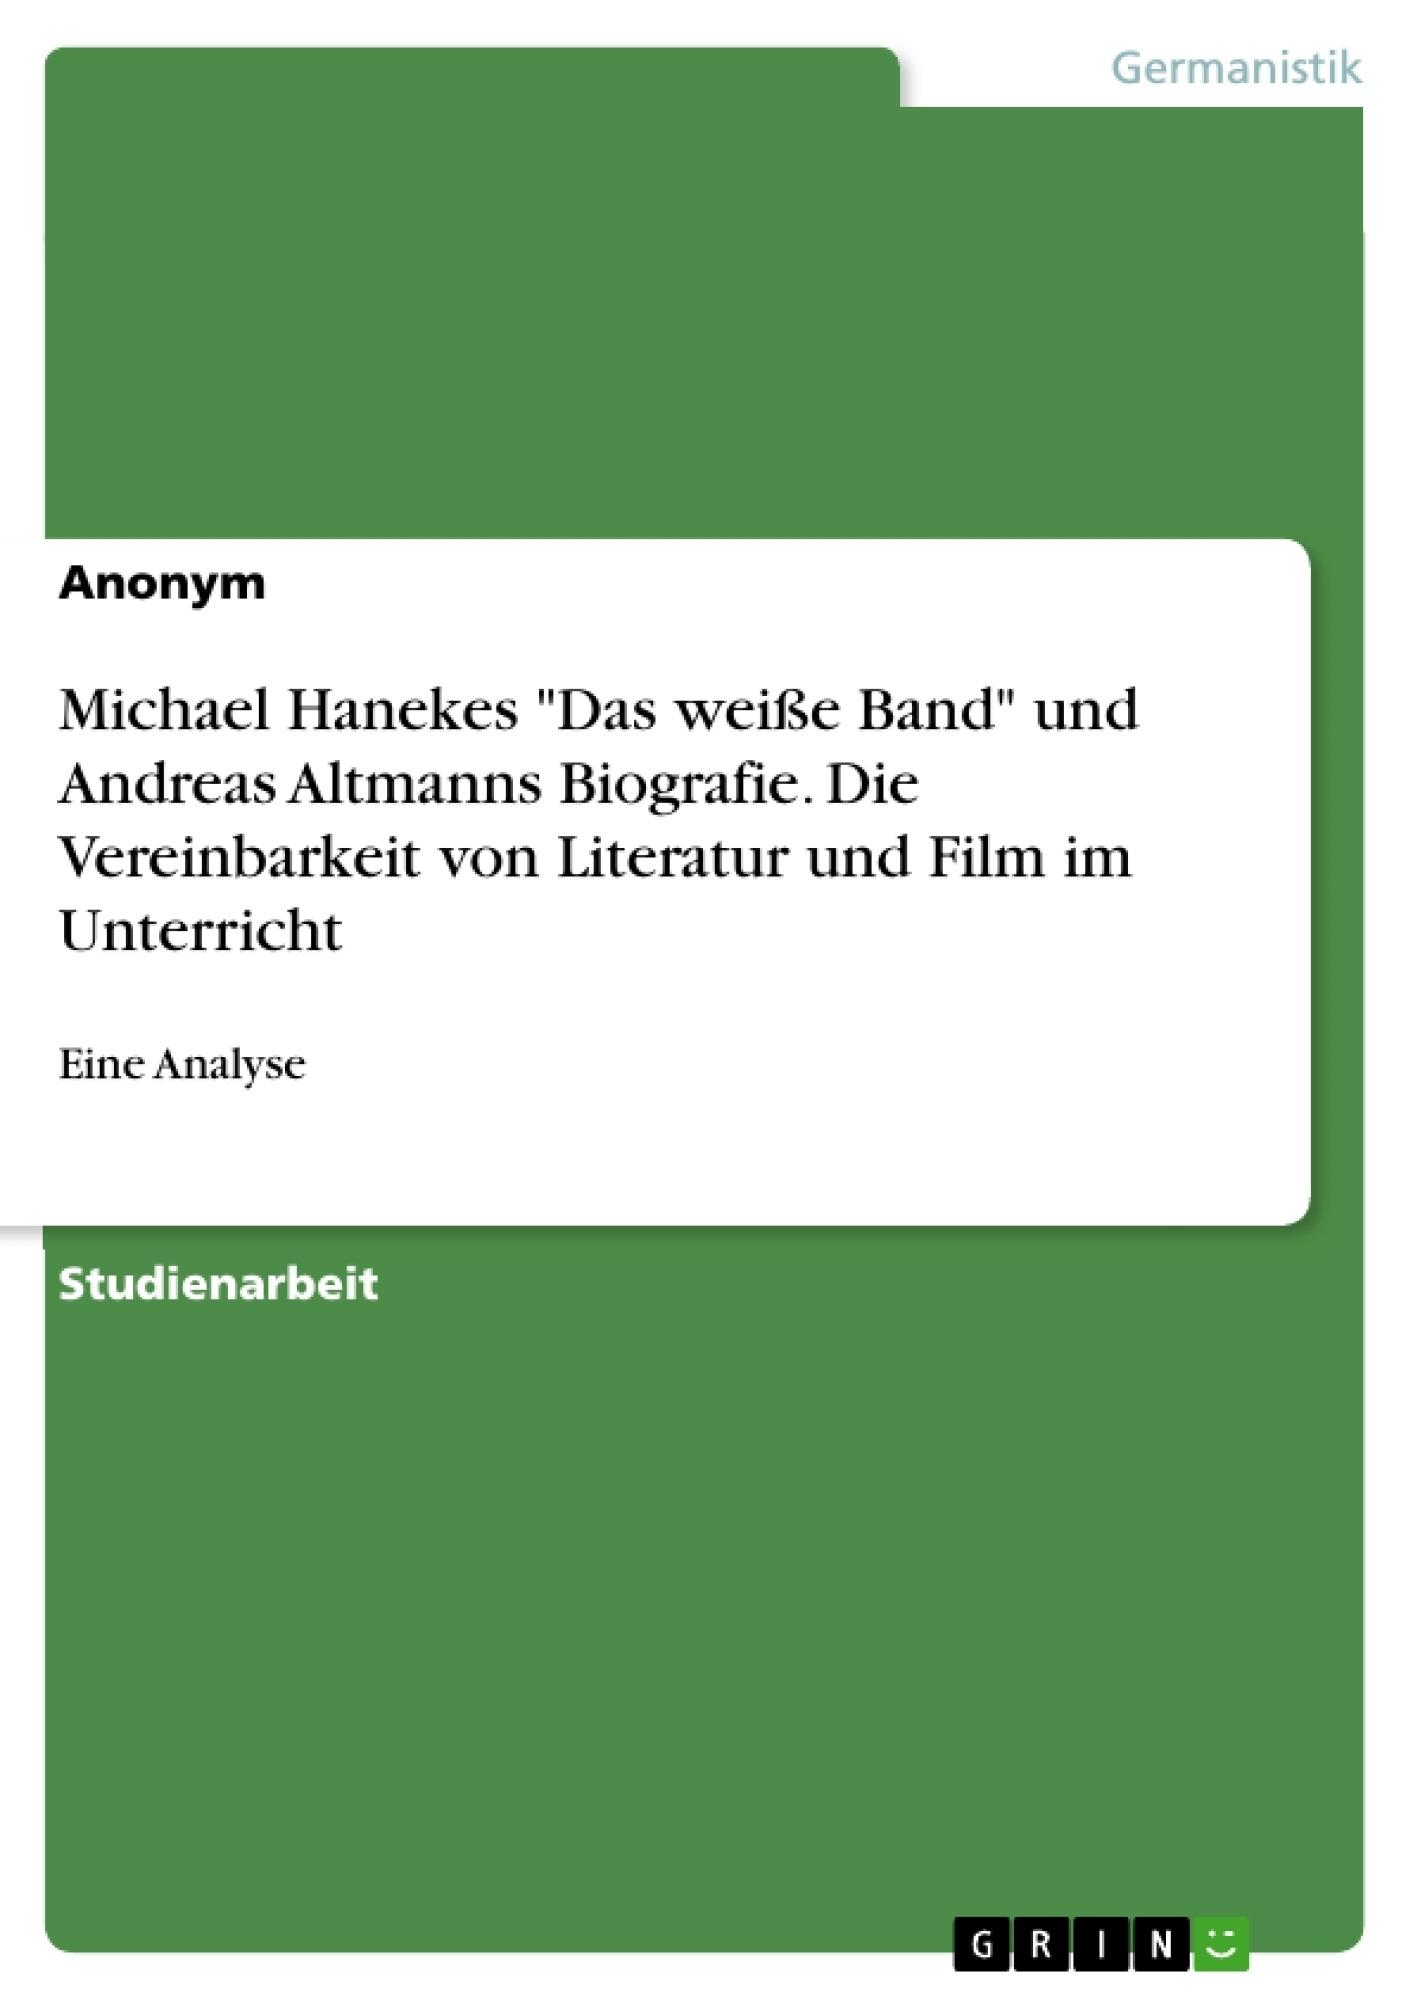 """Michael Hanekes """"Das weiße Band"""" und Andreas Altmanns Biografie"""